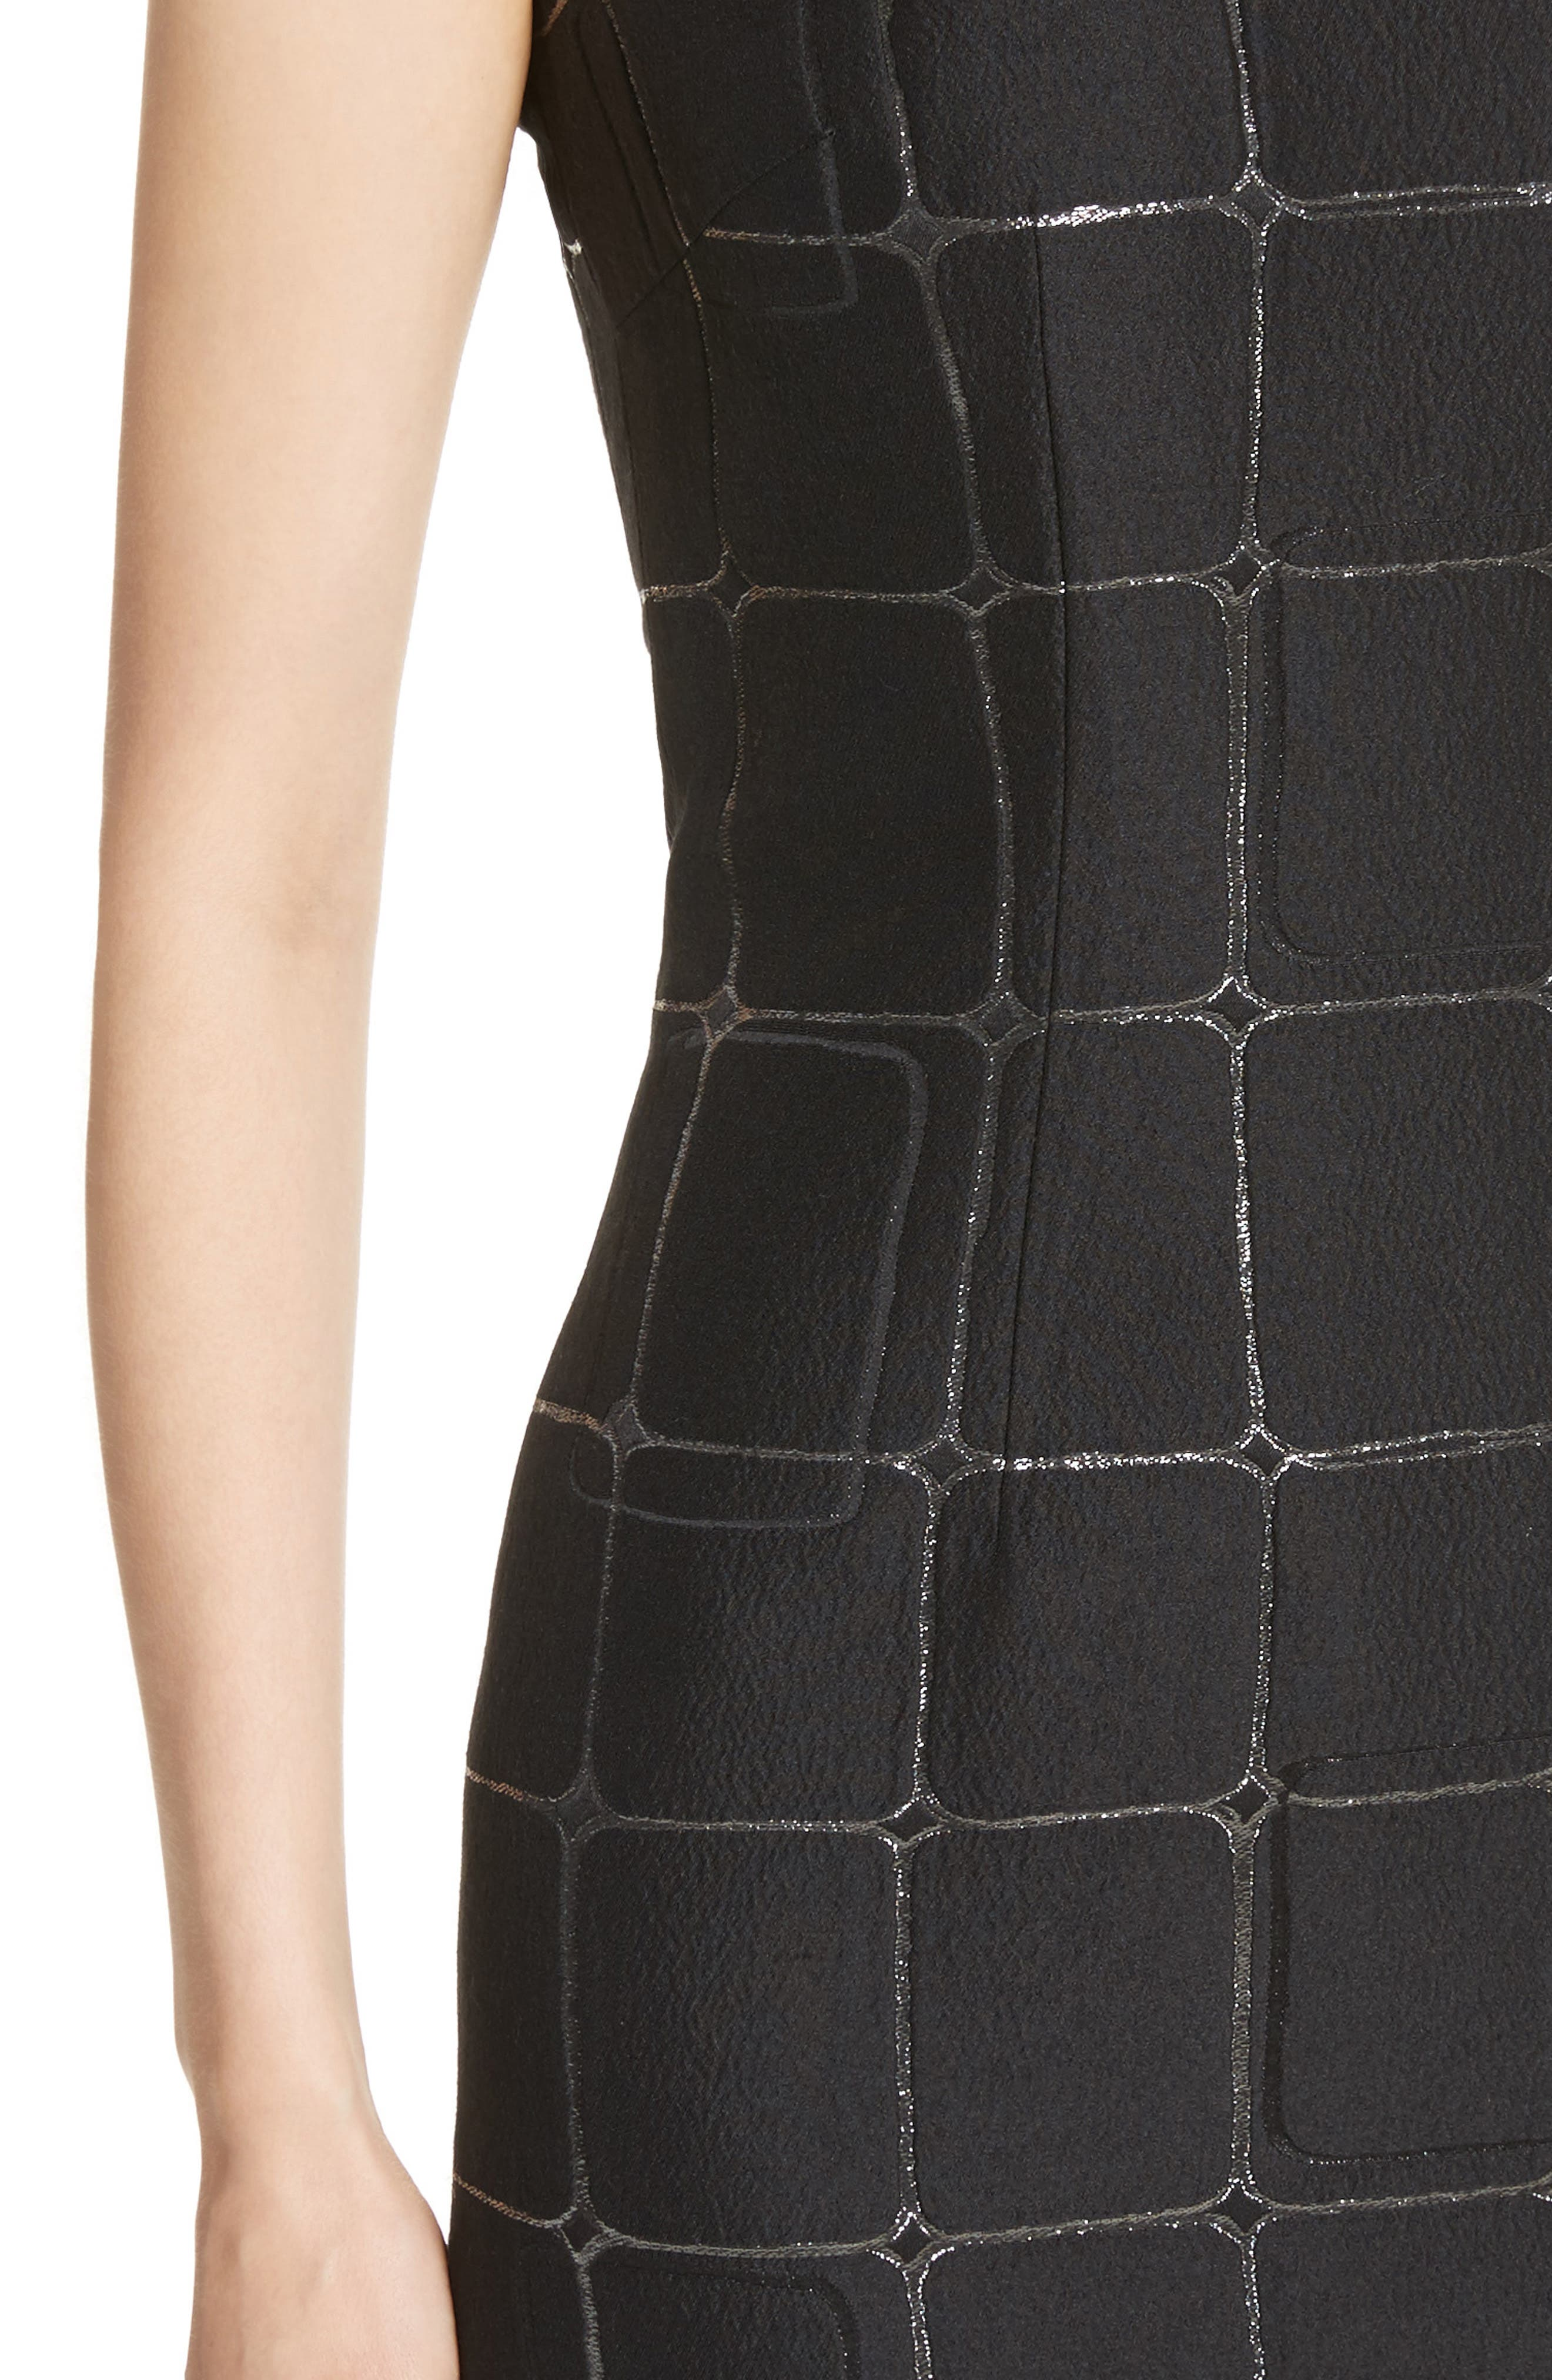 Metallic Jacquard Sheath Dress,                             Alternate thumbnail 4, color,                             001